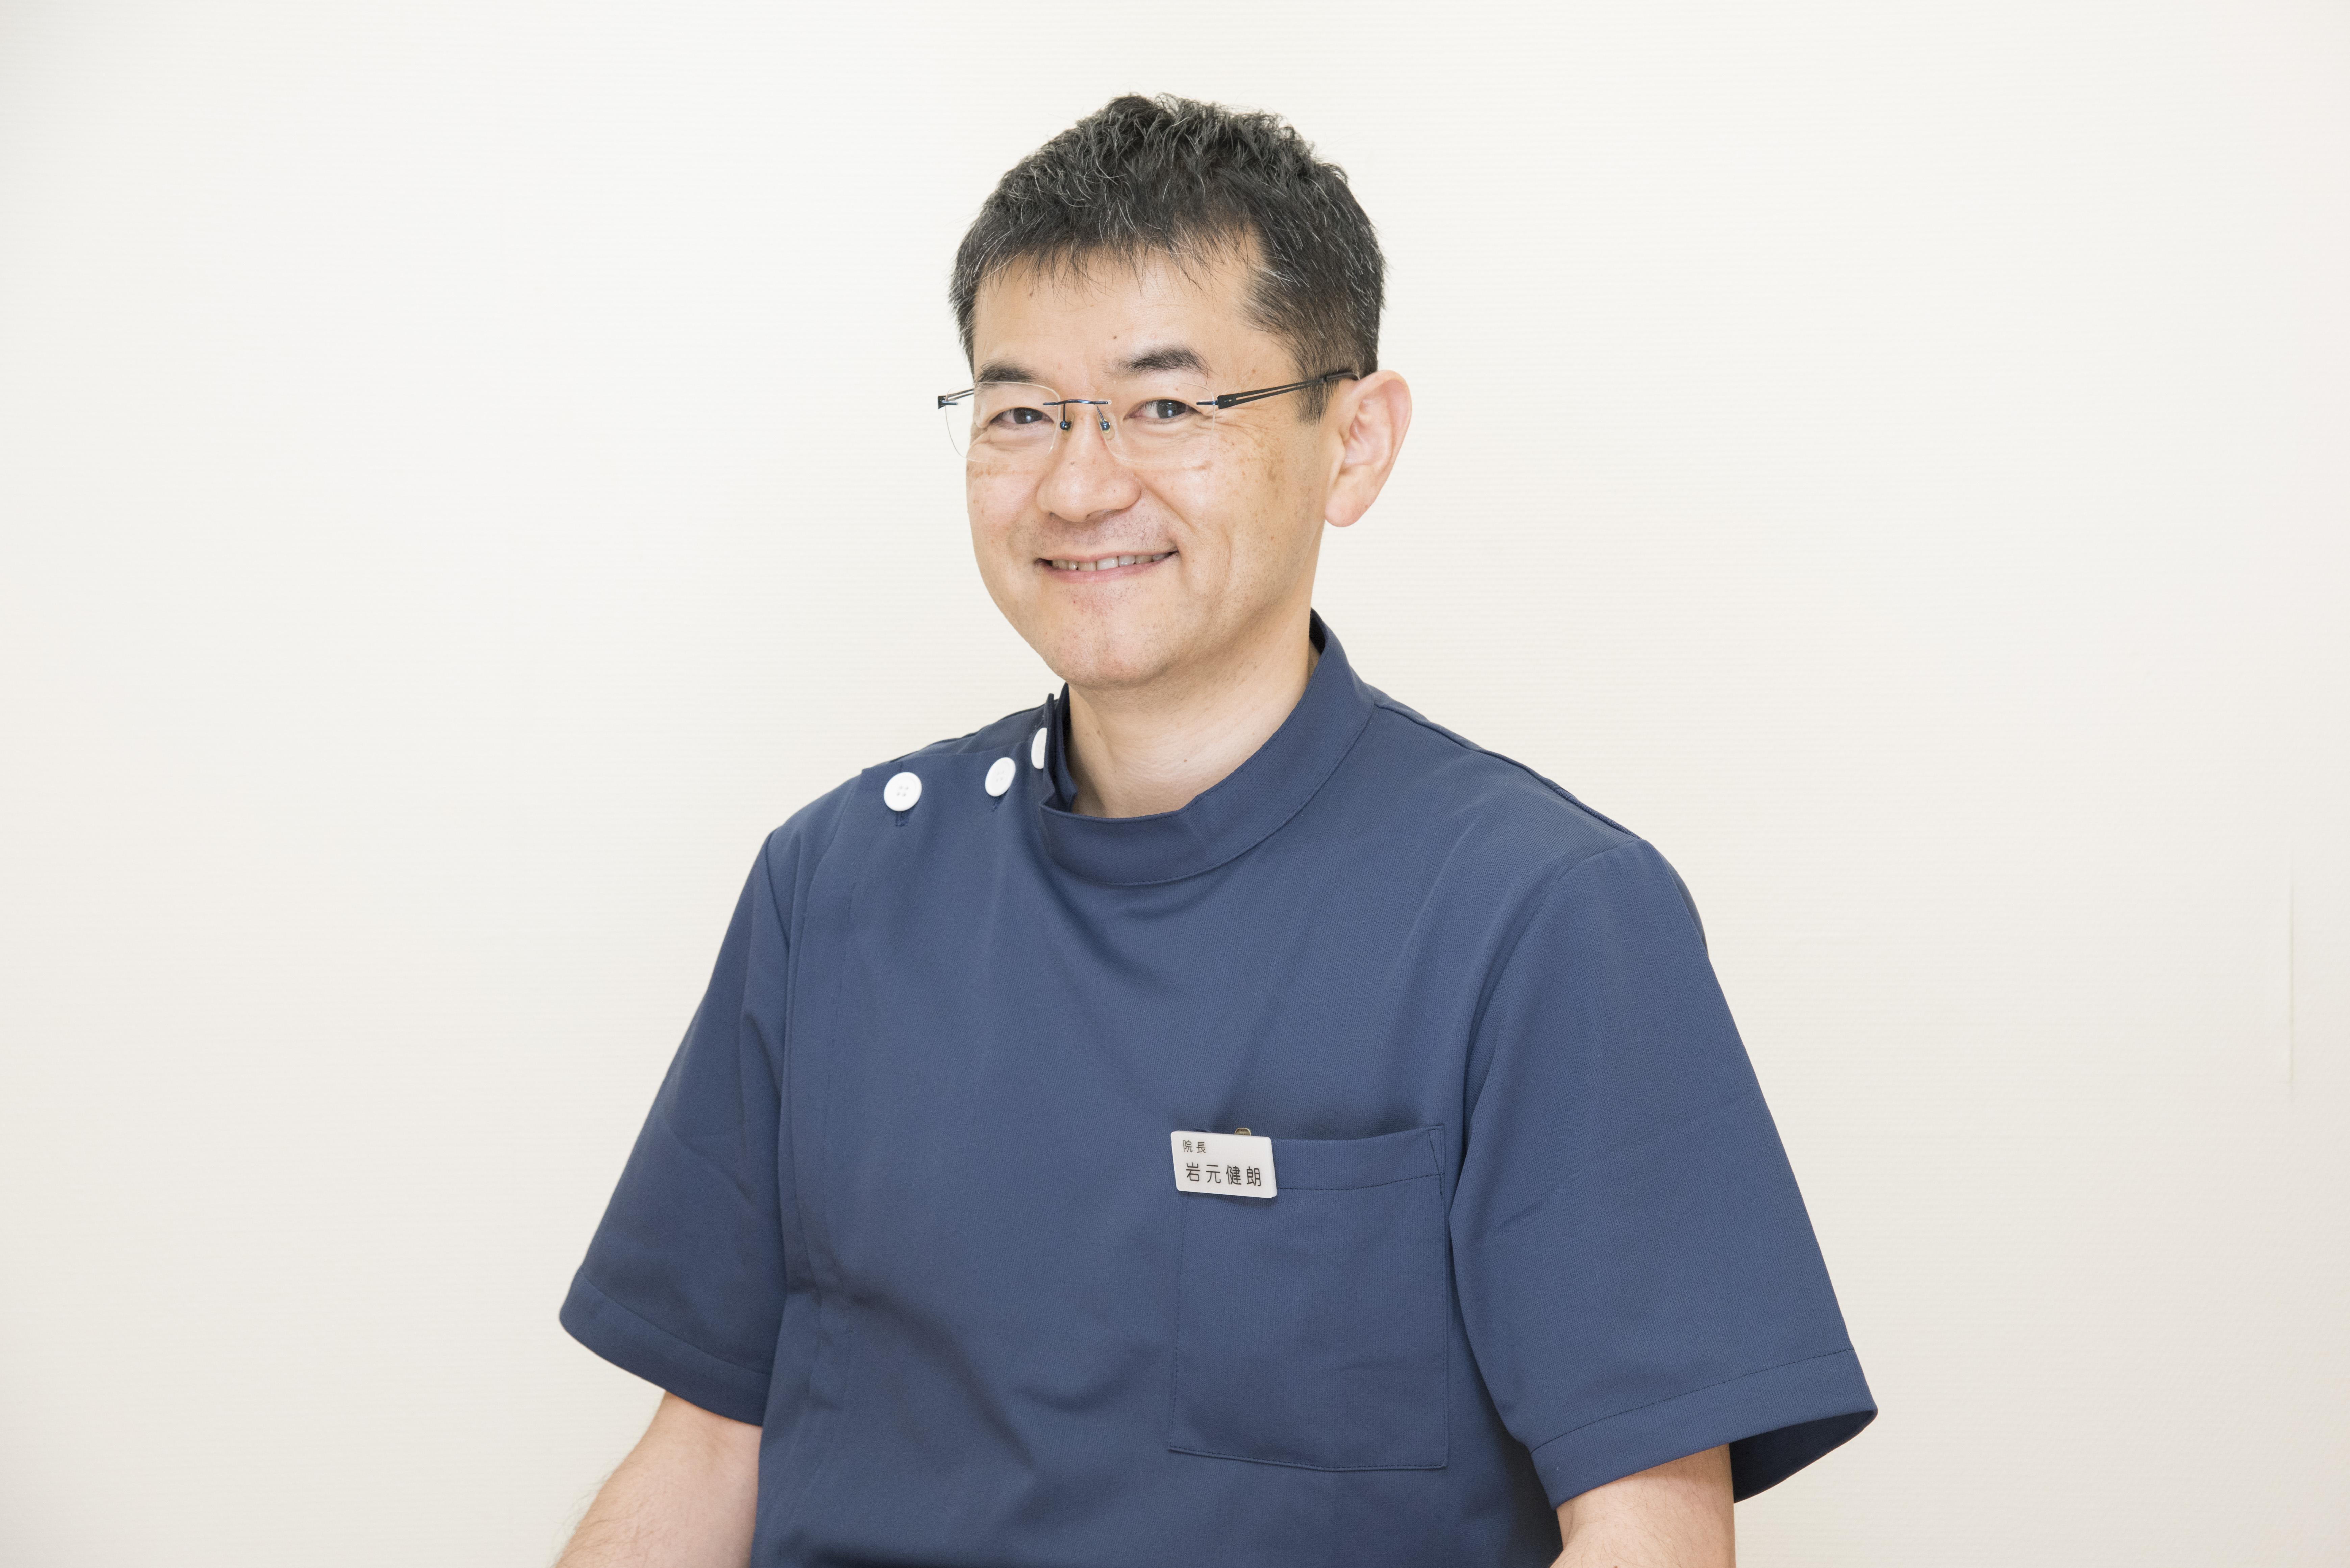 岩元健朗202010 (002)